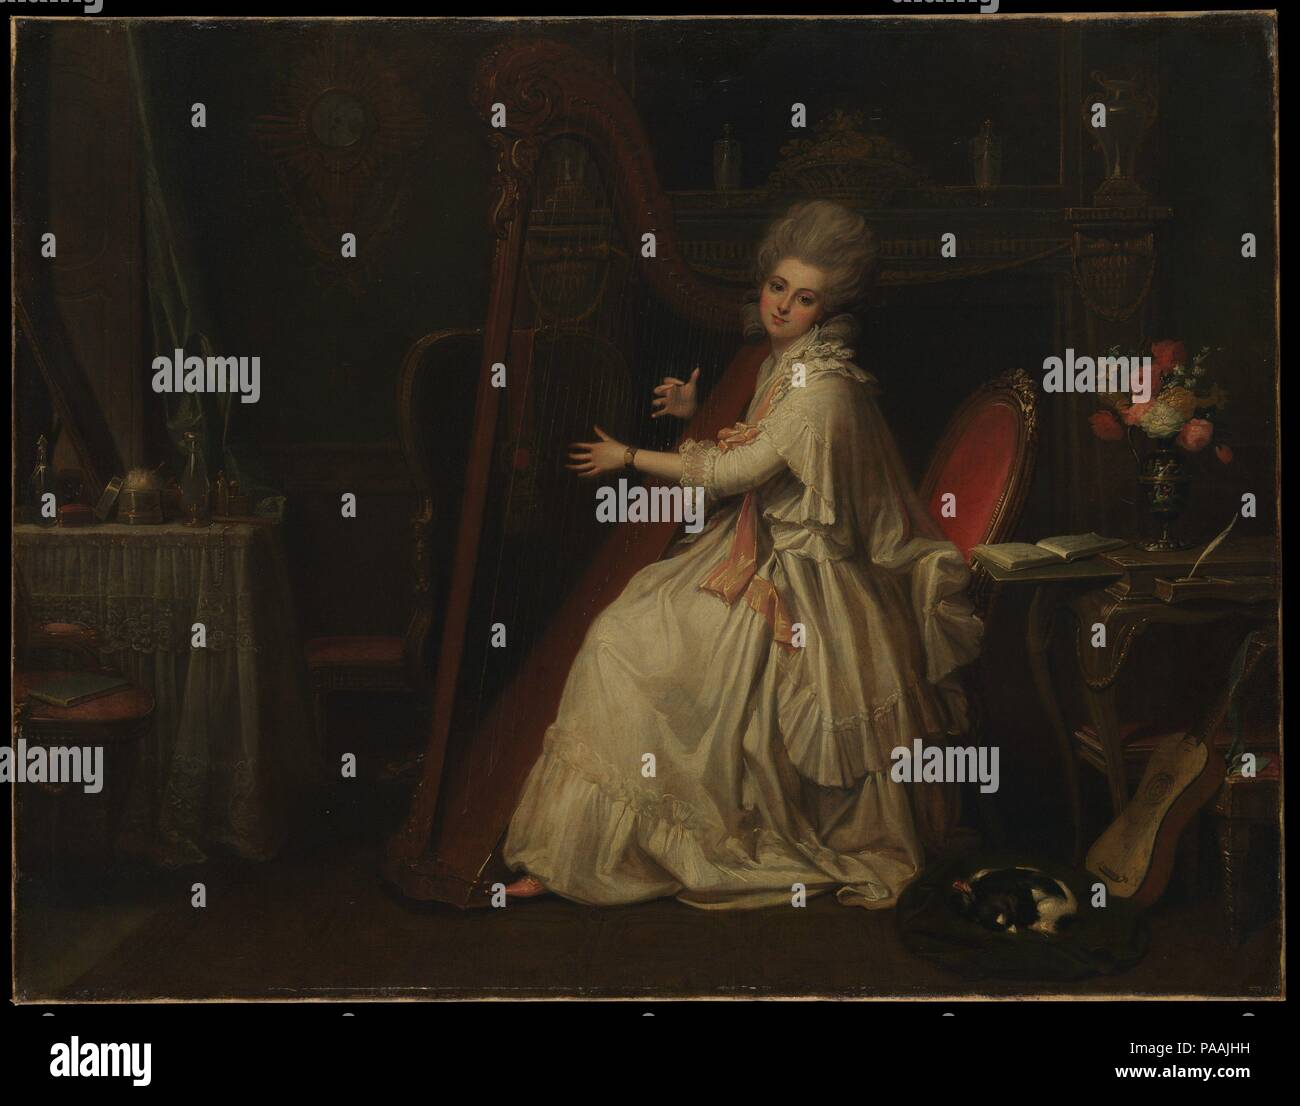 """Marianne Dorothy Harland (1759-1785), poi la sig.ra William Dalrymple. Artista: Richard Cosway (British, Oakford, Devon 1742-1821 Londra). Dimensioni: 28 x 36 1/8 in. (71,1 x 91,8 cm). Cosway era un miniatore di successo. I suoi pochi dipinti ad olio incentrato sulla figura e sono di dimensioni modeste e altamente finito. Questo è stato esposto alla Royal Academy nel 1779 come """"una Signora giocando sulla cetra."""". Museo: Metropolitan Museum of Art di New York, Stati Uniti d'America. Immagini Stock"""